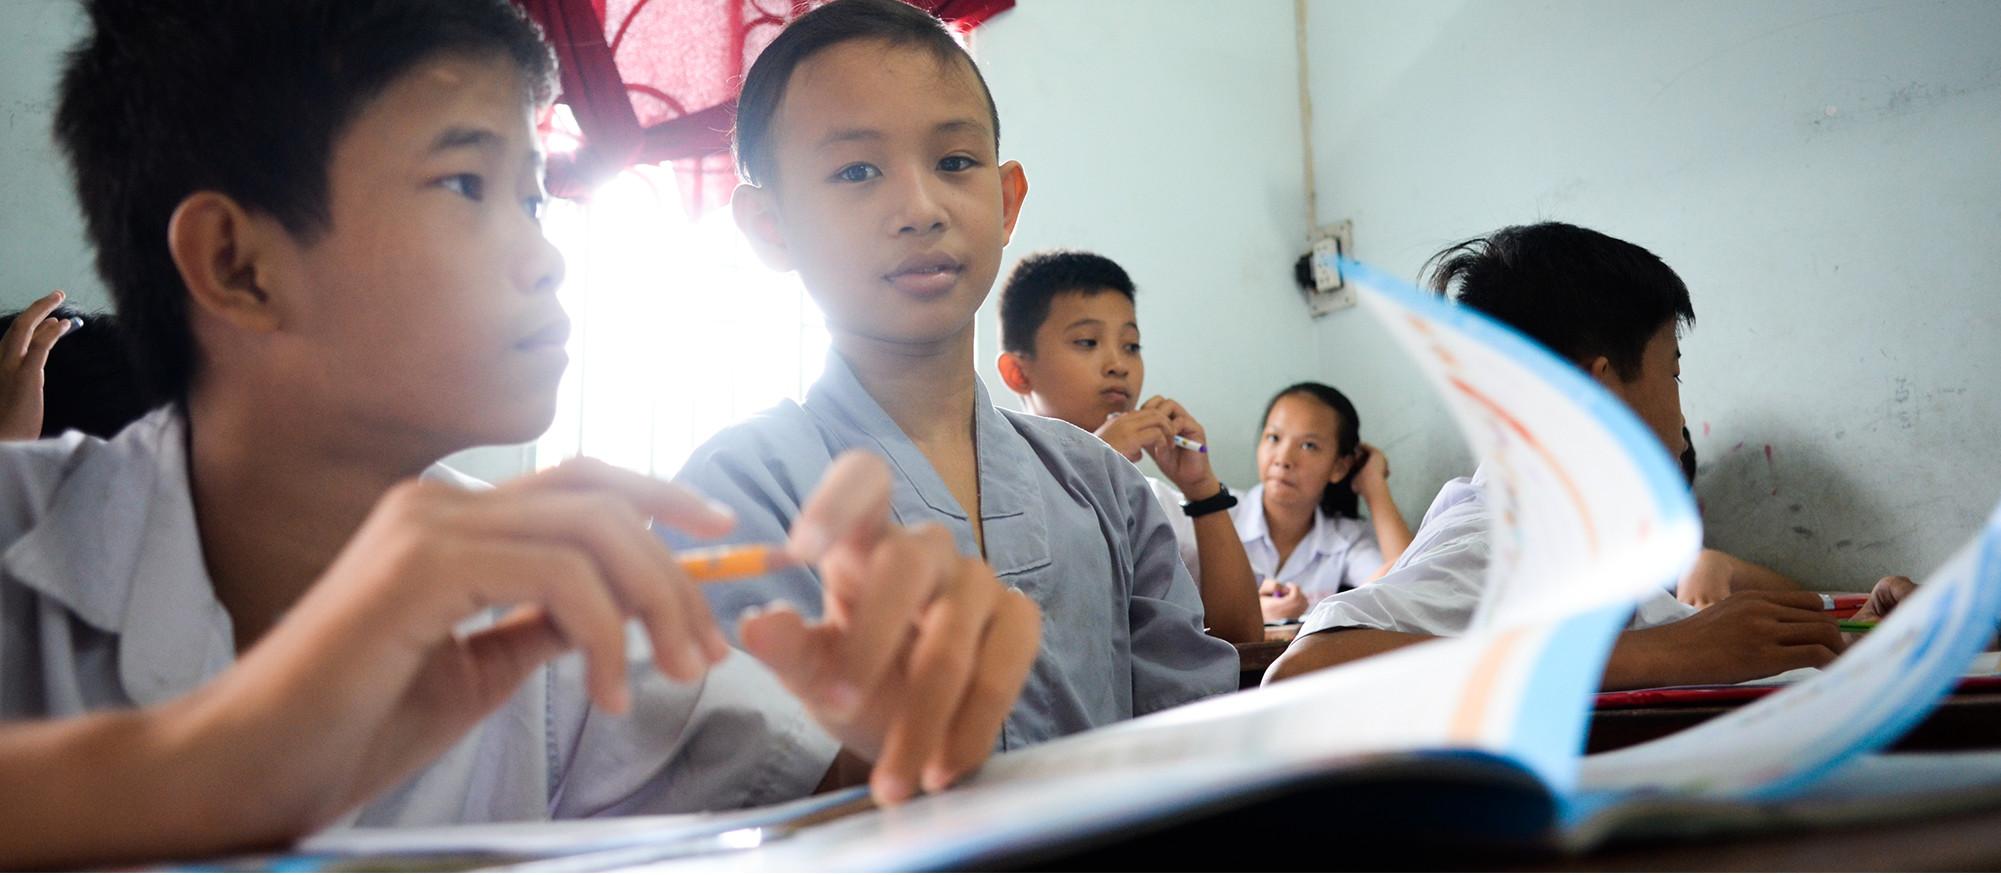 Món quà 1/6 tụi con nít nhà nghèo ao ước giản dị mà nhọc nhằn lắm: Được đến trường - Ảnh 25.